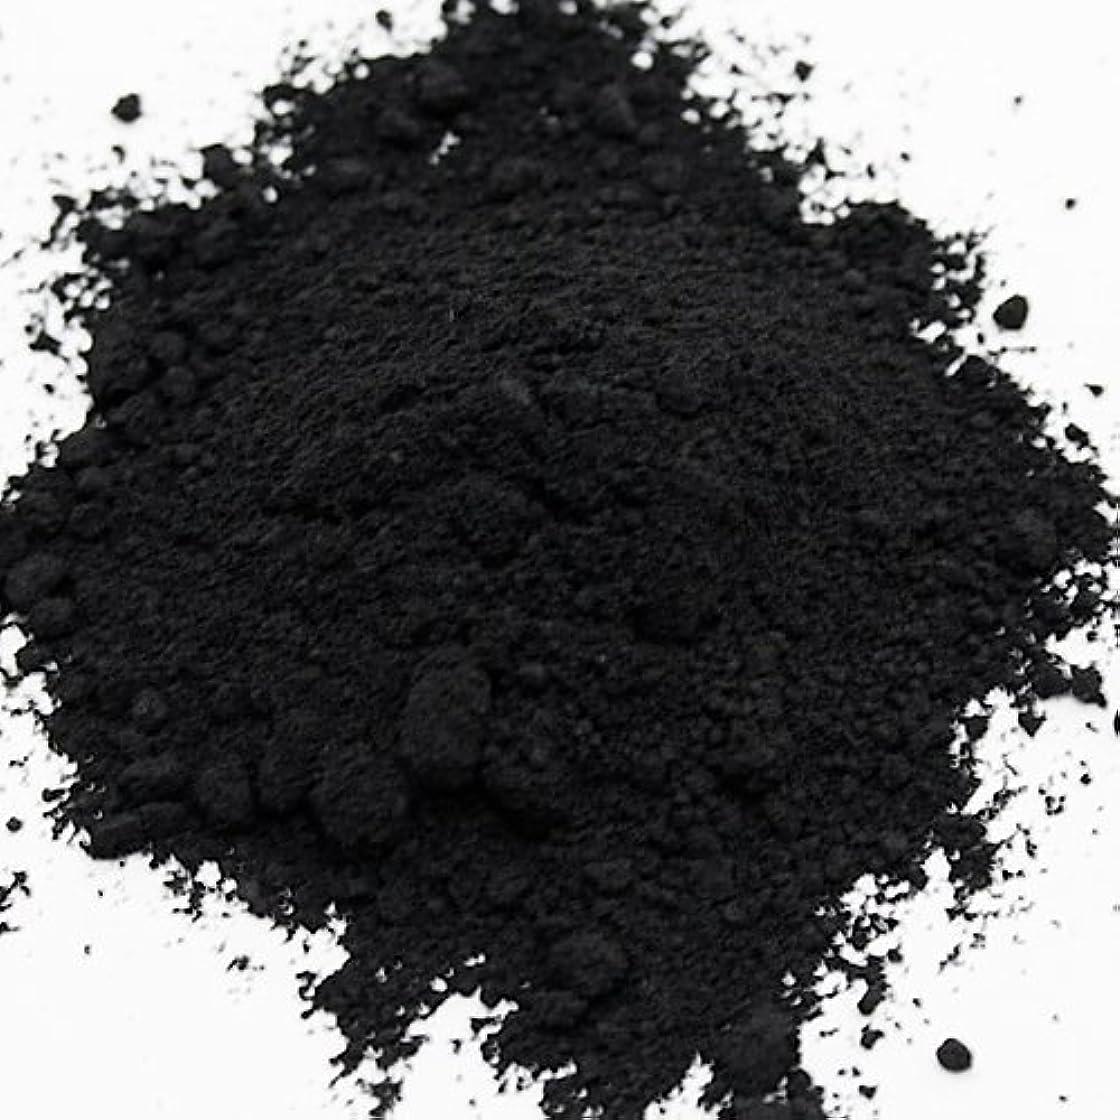 タイムリーなフィクションかなりの酸化鉄 ブラック 20g 【手作り石鹸/手作りコスメ/色付け/カラーラント/黒】